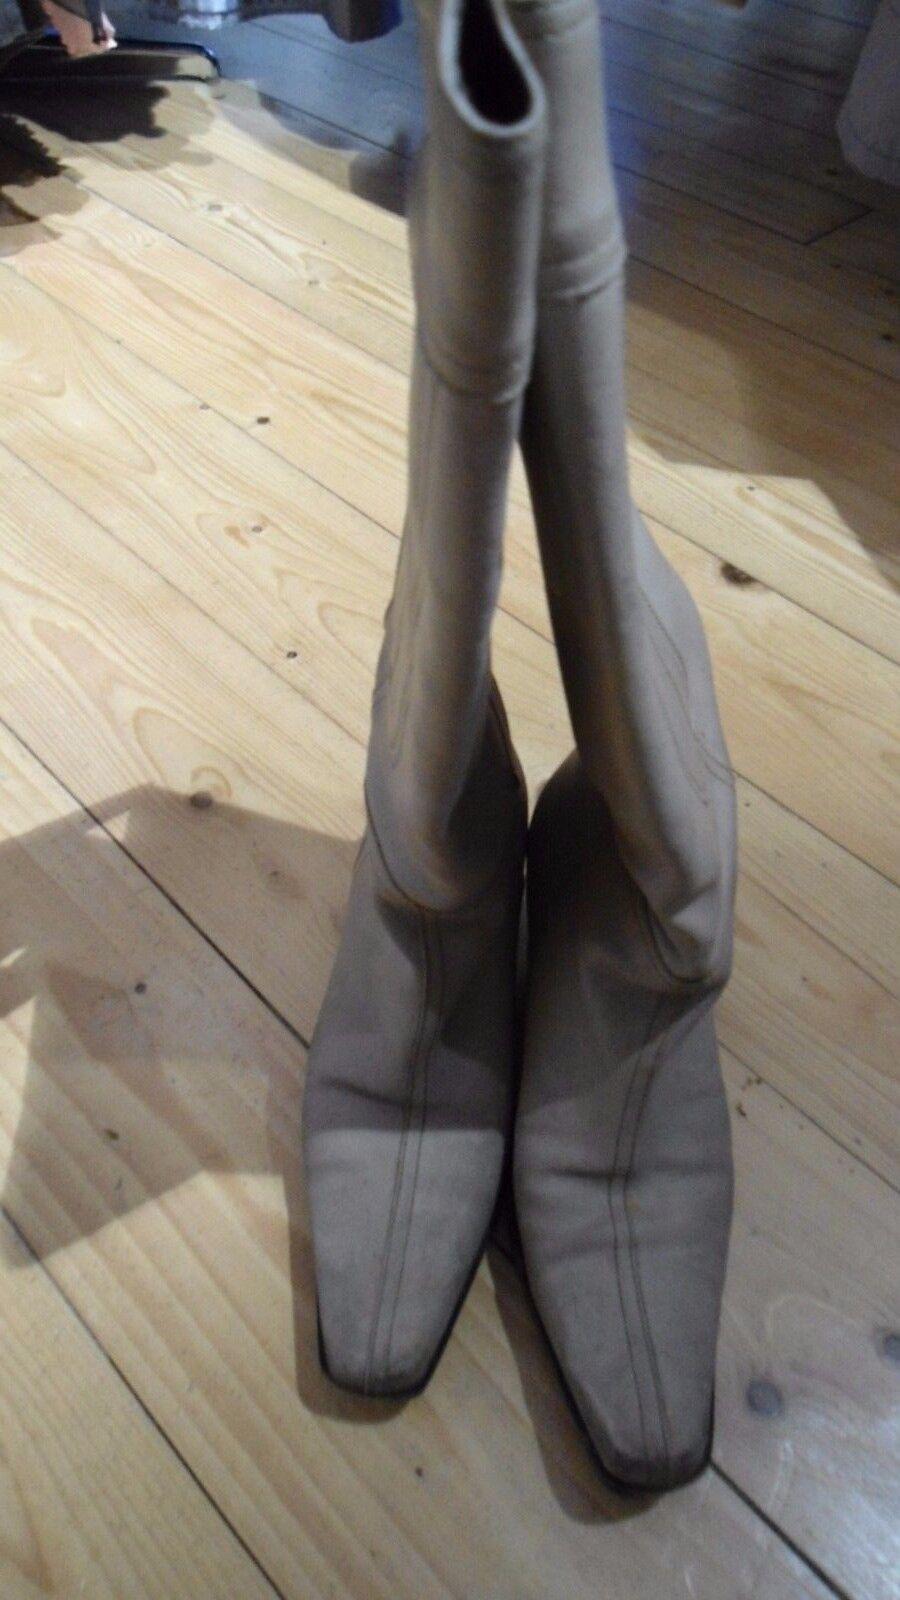 ORIGINALE Lusso Designer Stivali miu miu in pelle pelle in tg. 36,5 ea0d76